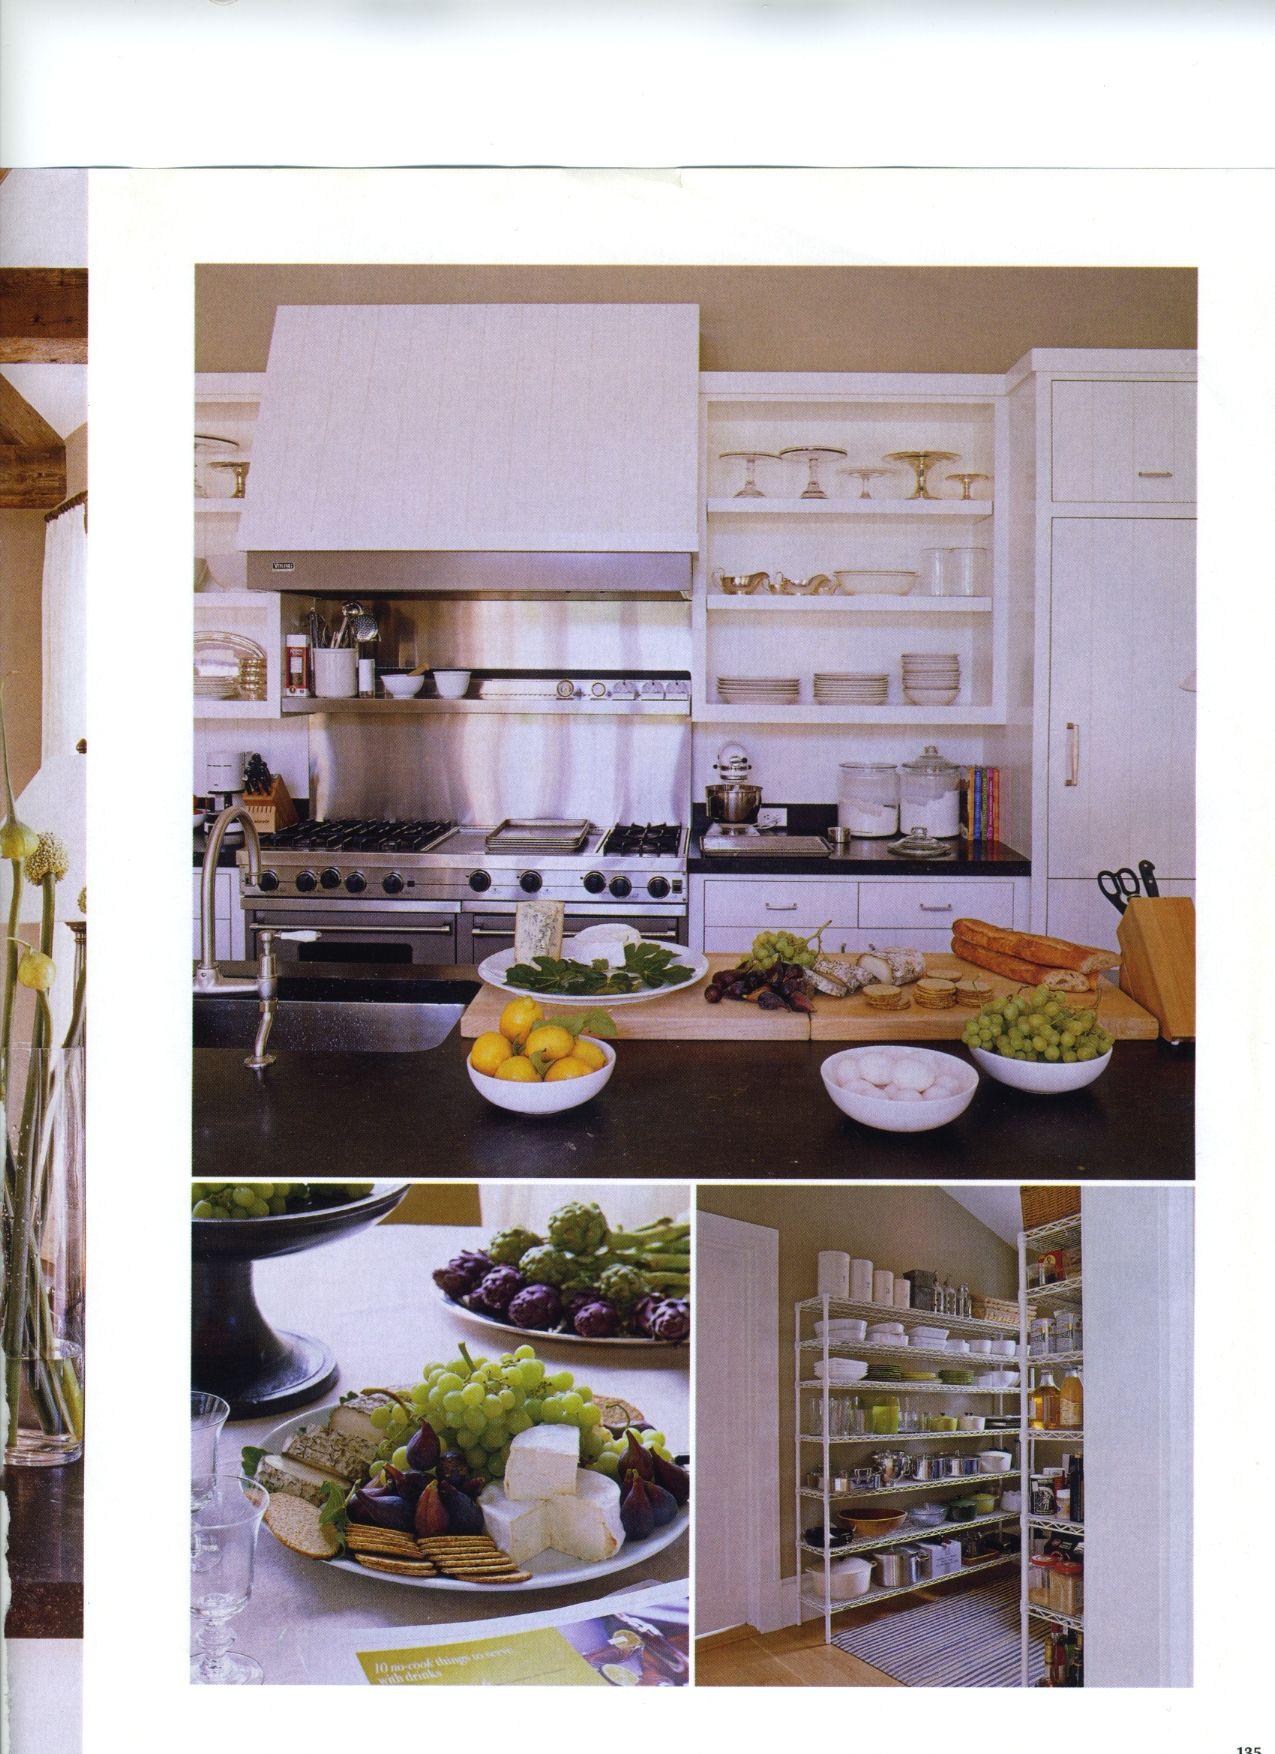 Ina Garten Pantry Unique With Ina Garten's Kitchen Photos